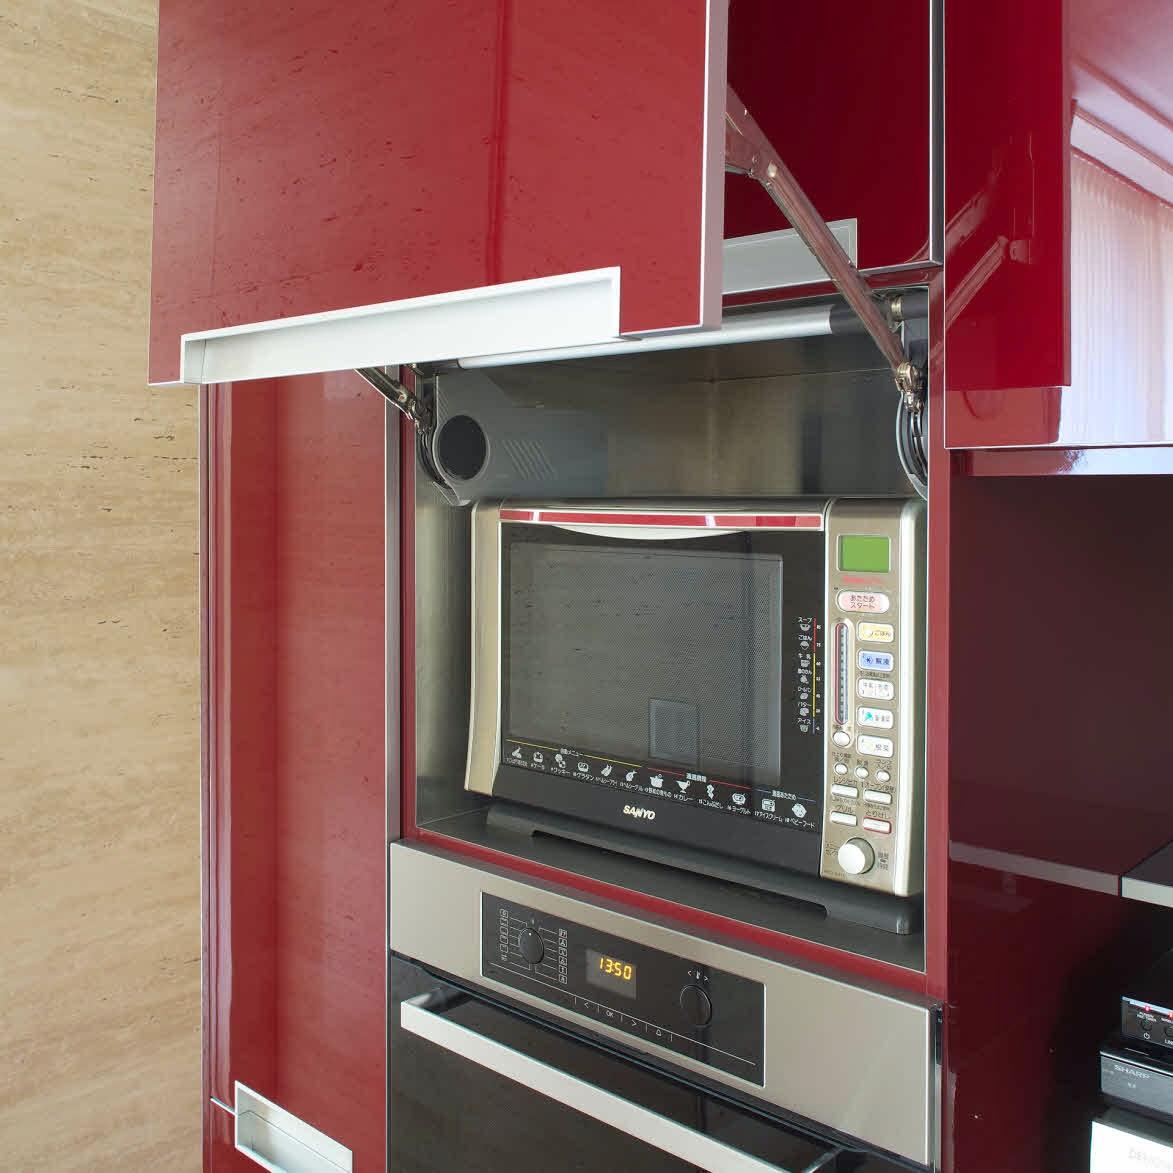 C mo integrar el microondas en la cocina cocinas con estilo - Mueble alto microondas ...